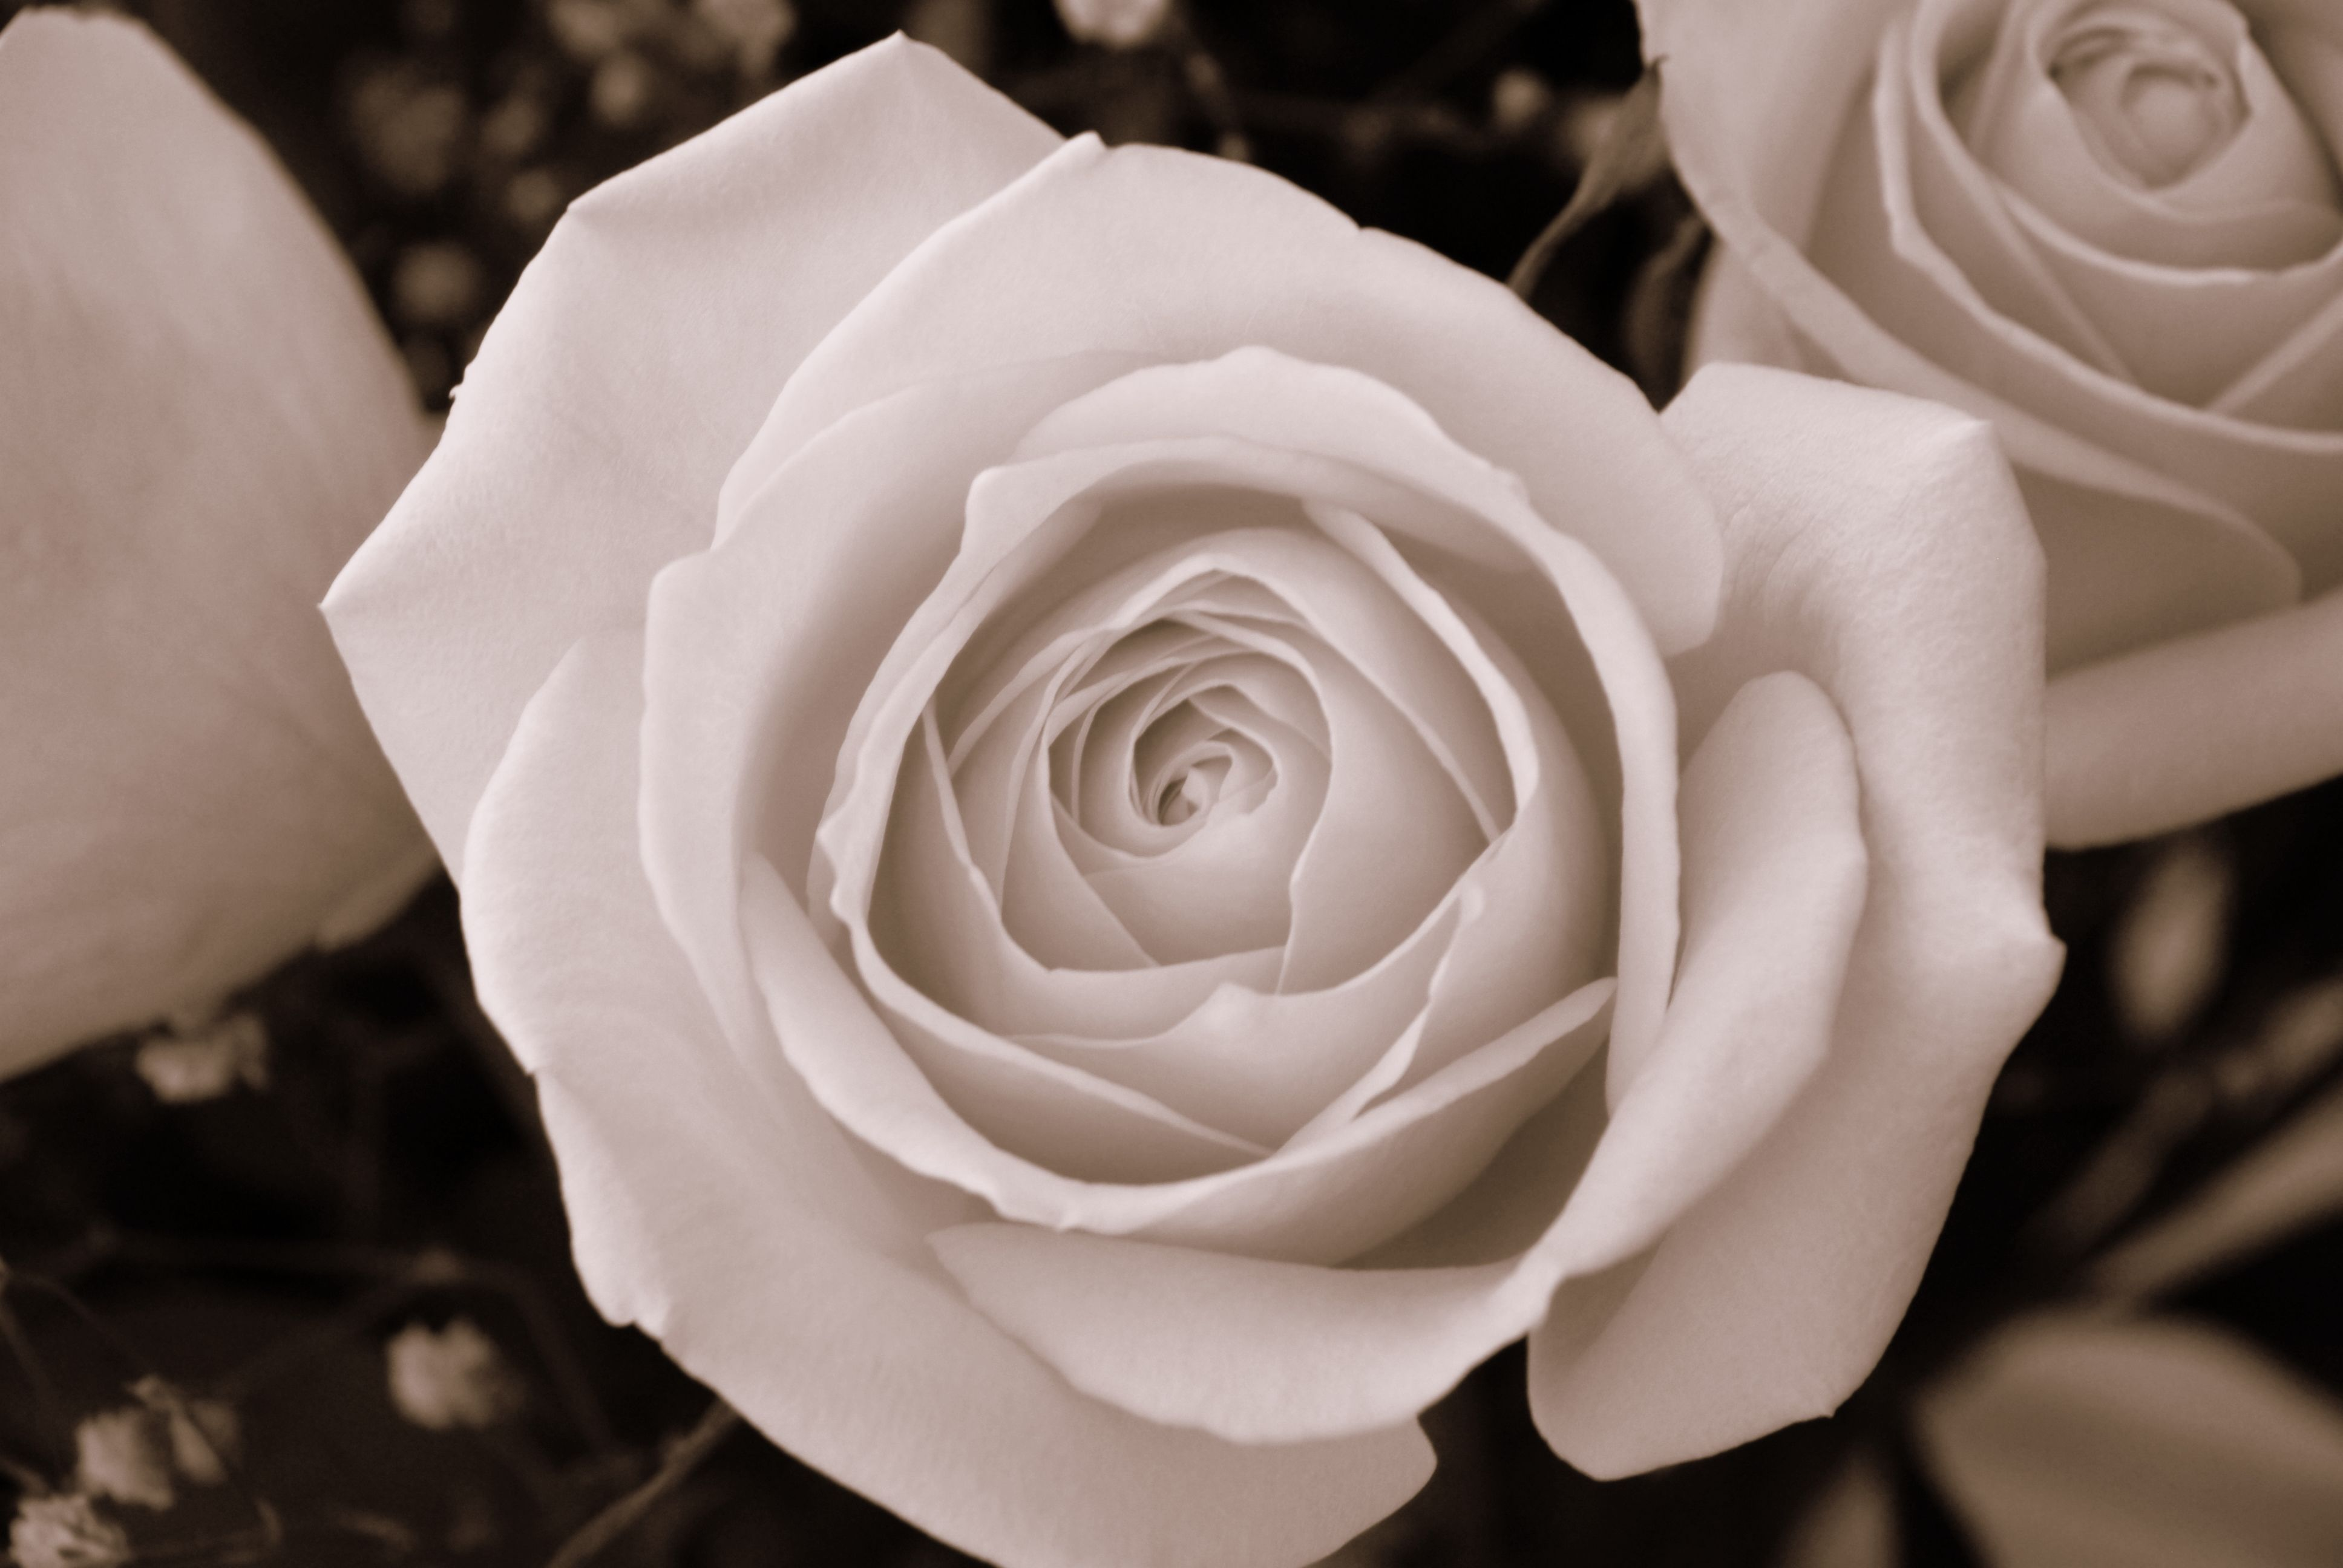 a rose for emily | rose for Emily by 21ROSEBUDS on DeviantArt